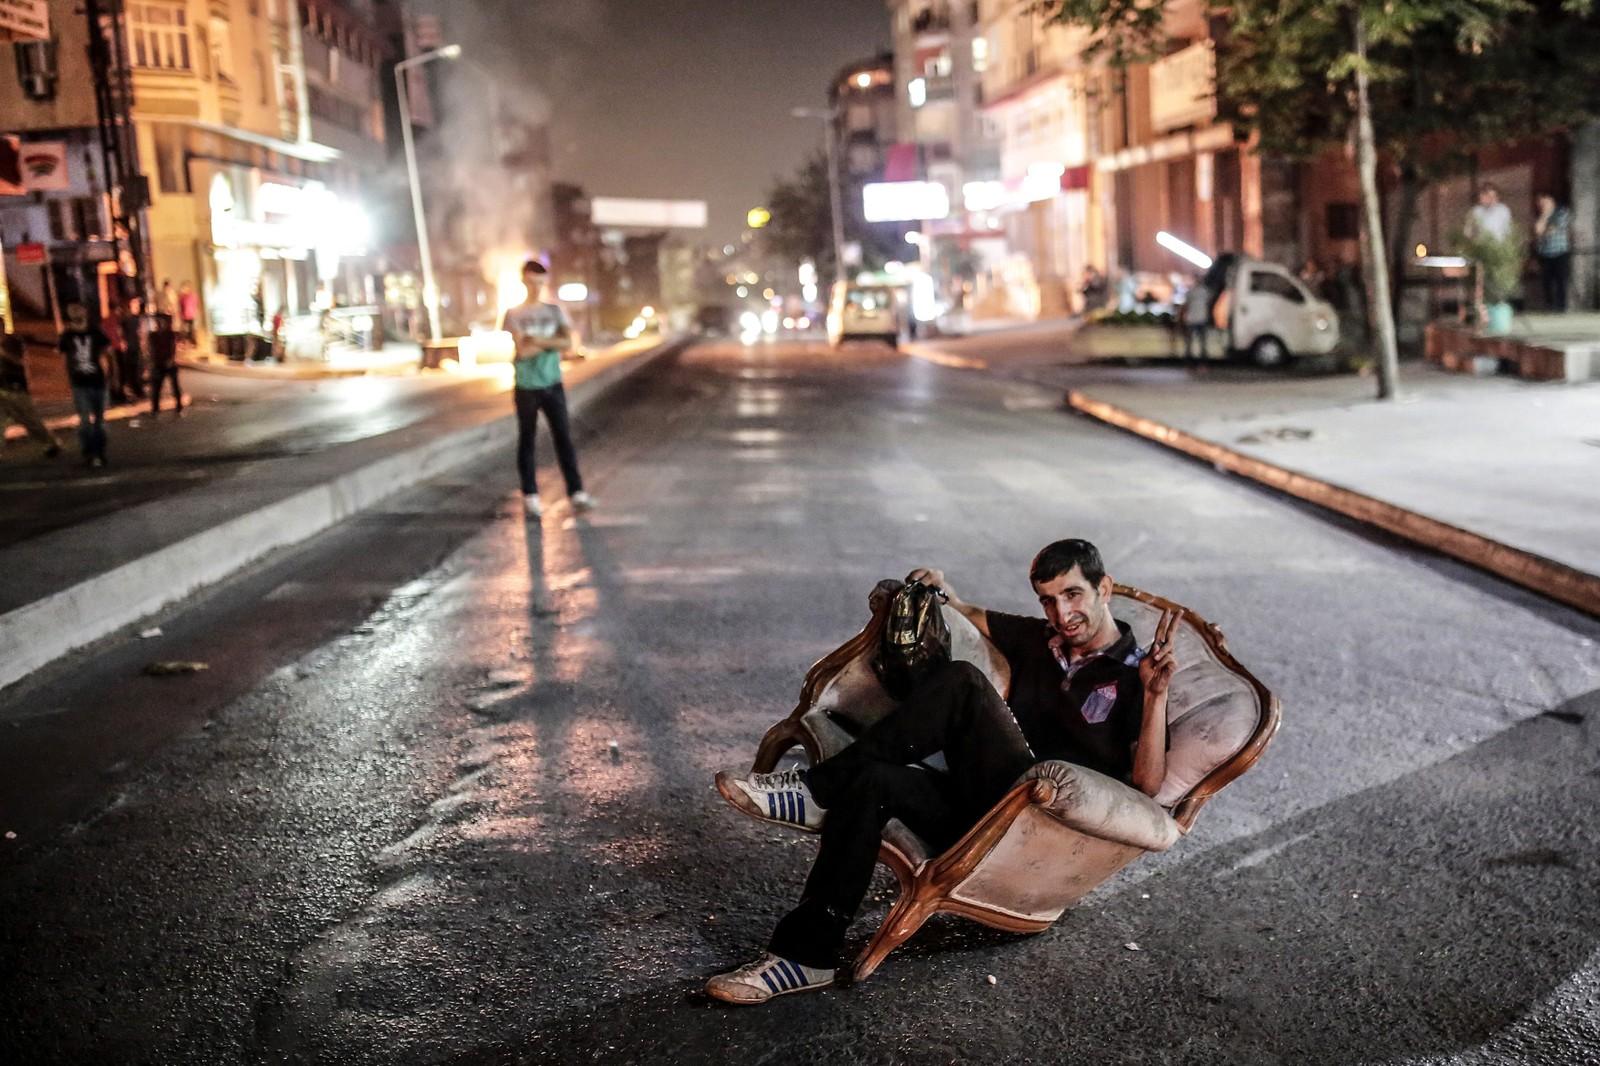 En tyrkisk mann viser seierstegnet under en demonstrasjon i Istanbul denne uka. Demonstrasjonene oppsto etter at fredelige markeringer i etterkant av det som trolig var en IS-bombe, ble avlyst.